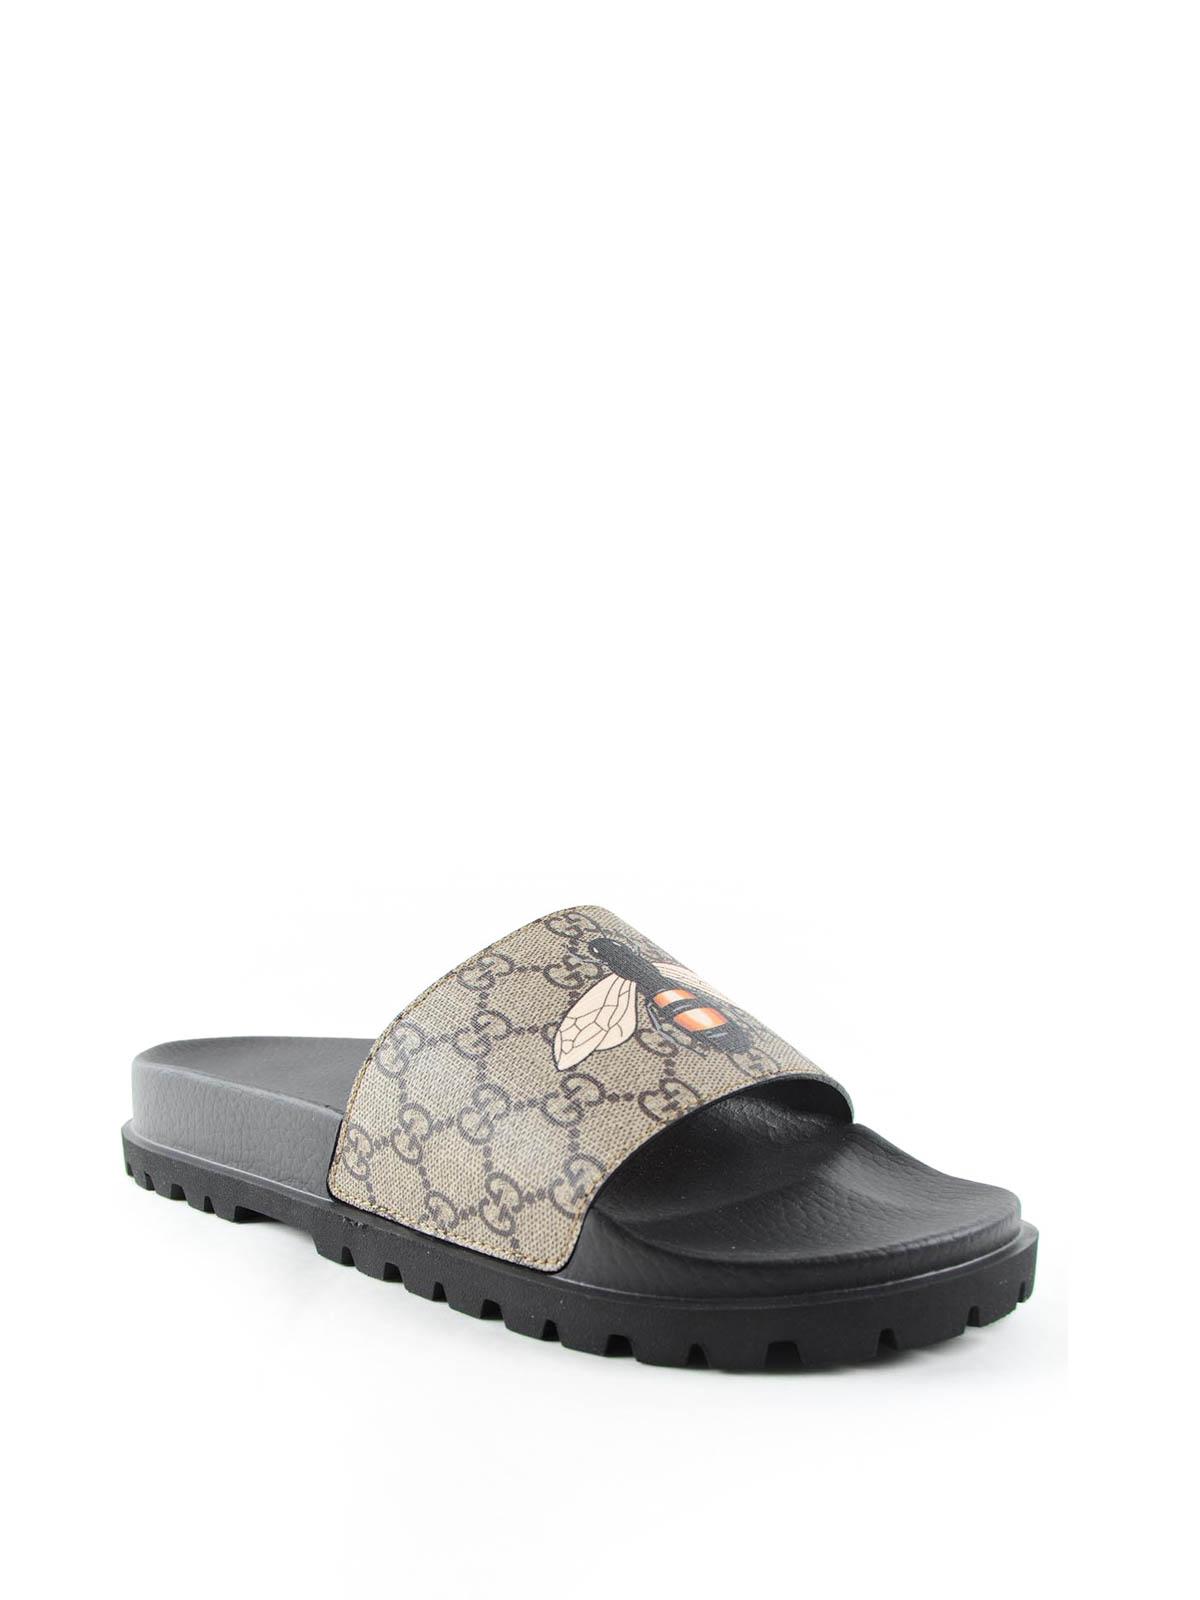 f3483f6bce3 Gucci - Bee flat sandals - صندل - 456243K5V00 8919